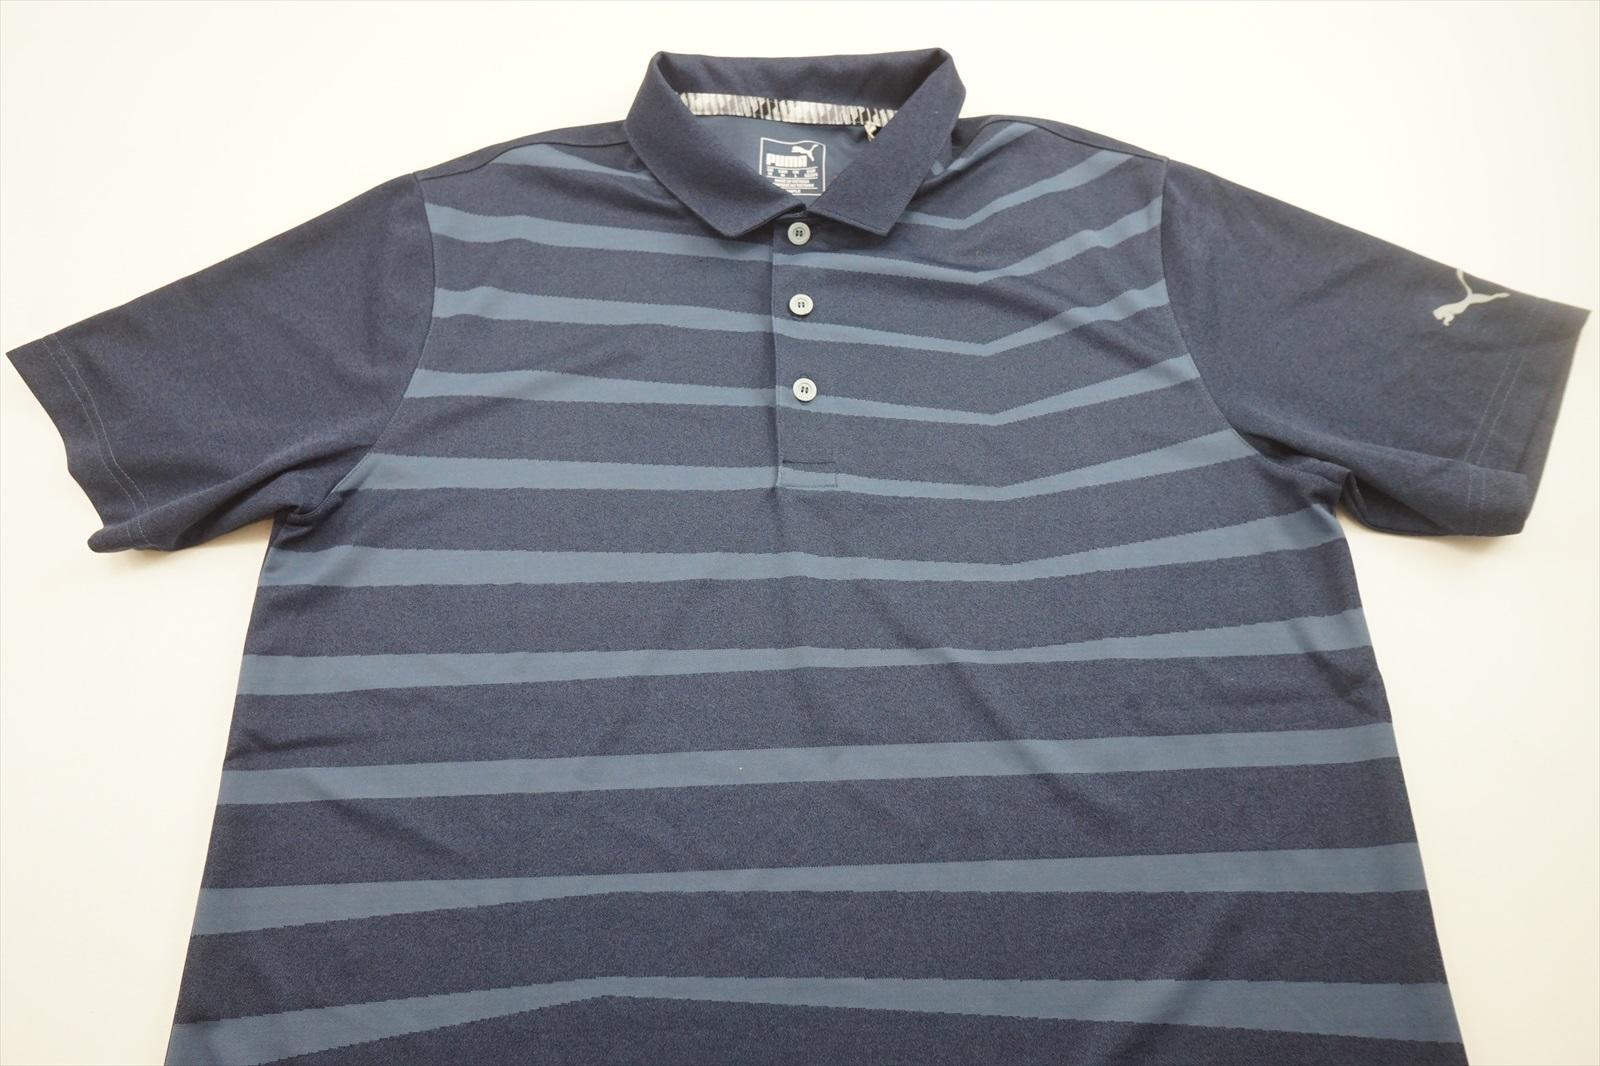 c375bc4da8 New Puma Golf Striped Polo Mens Size Medium Grey 217g | eBay